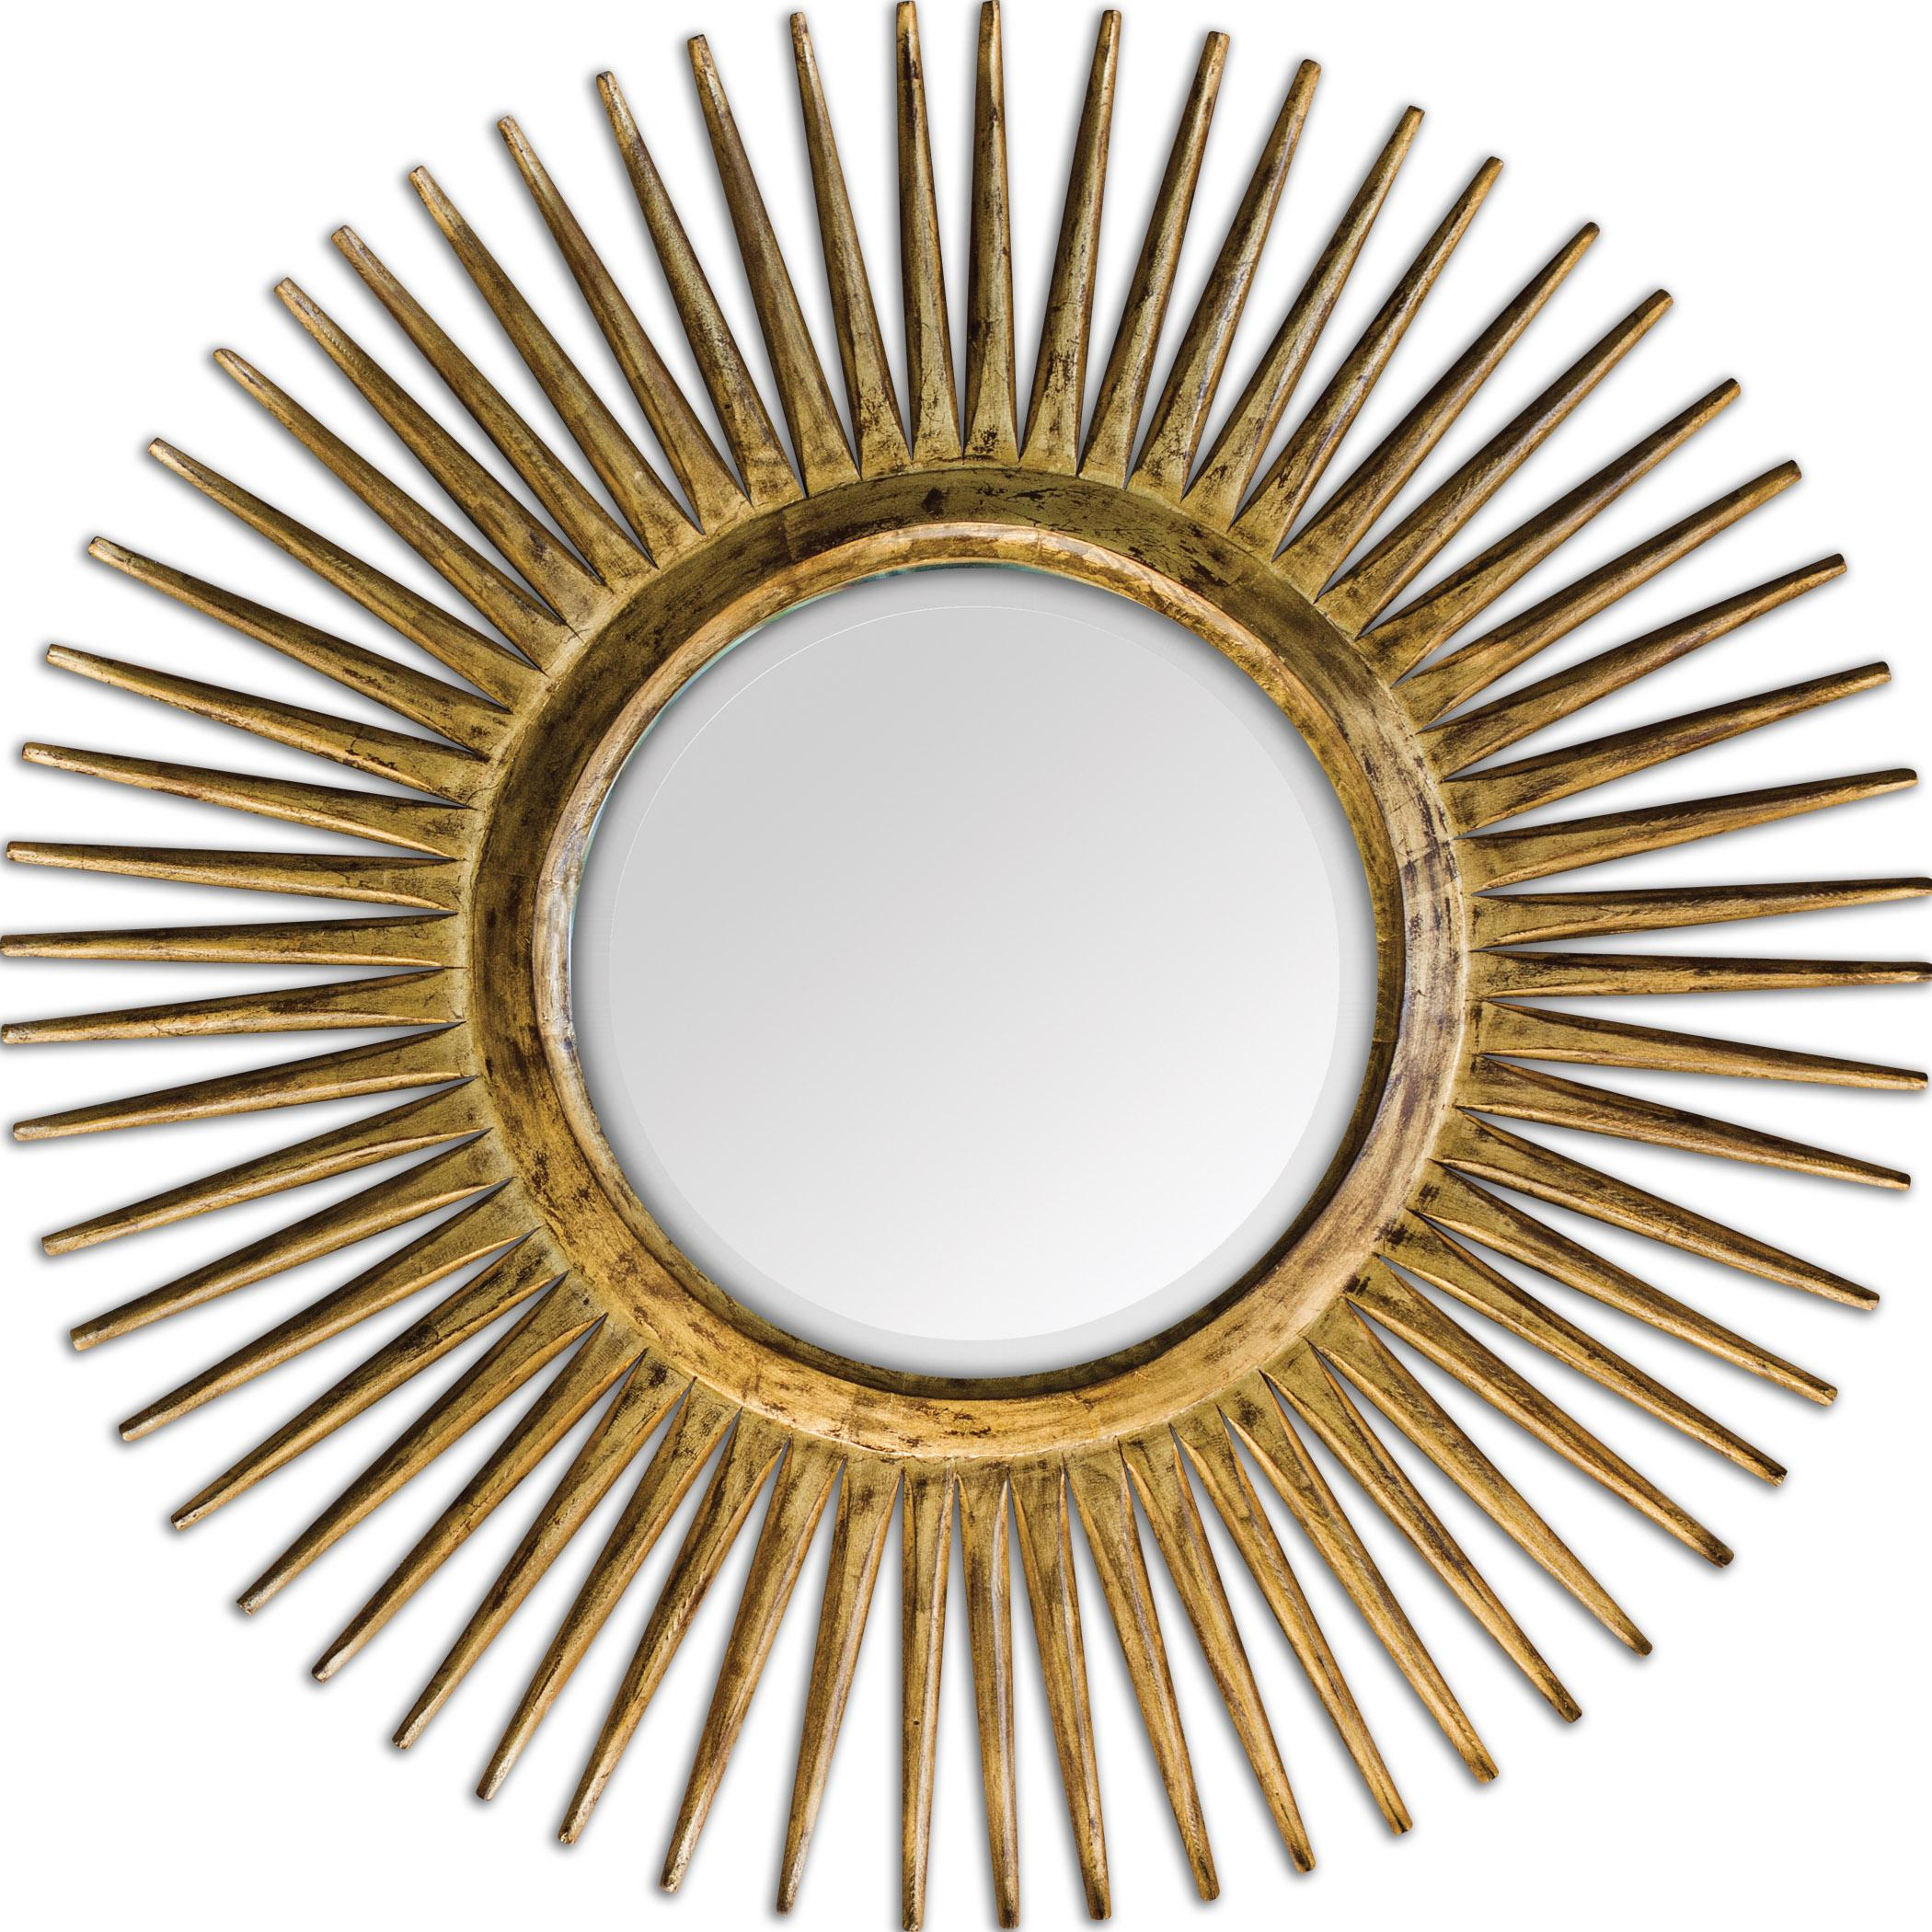 Uttermost Mirrors Destello Gold Starburst Mirror - Item Number: 05032